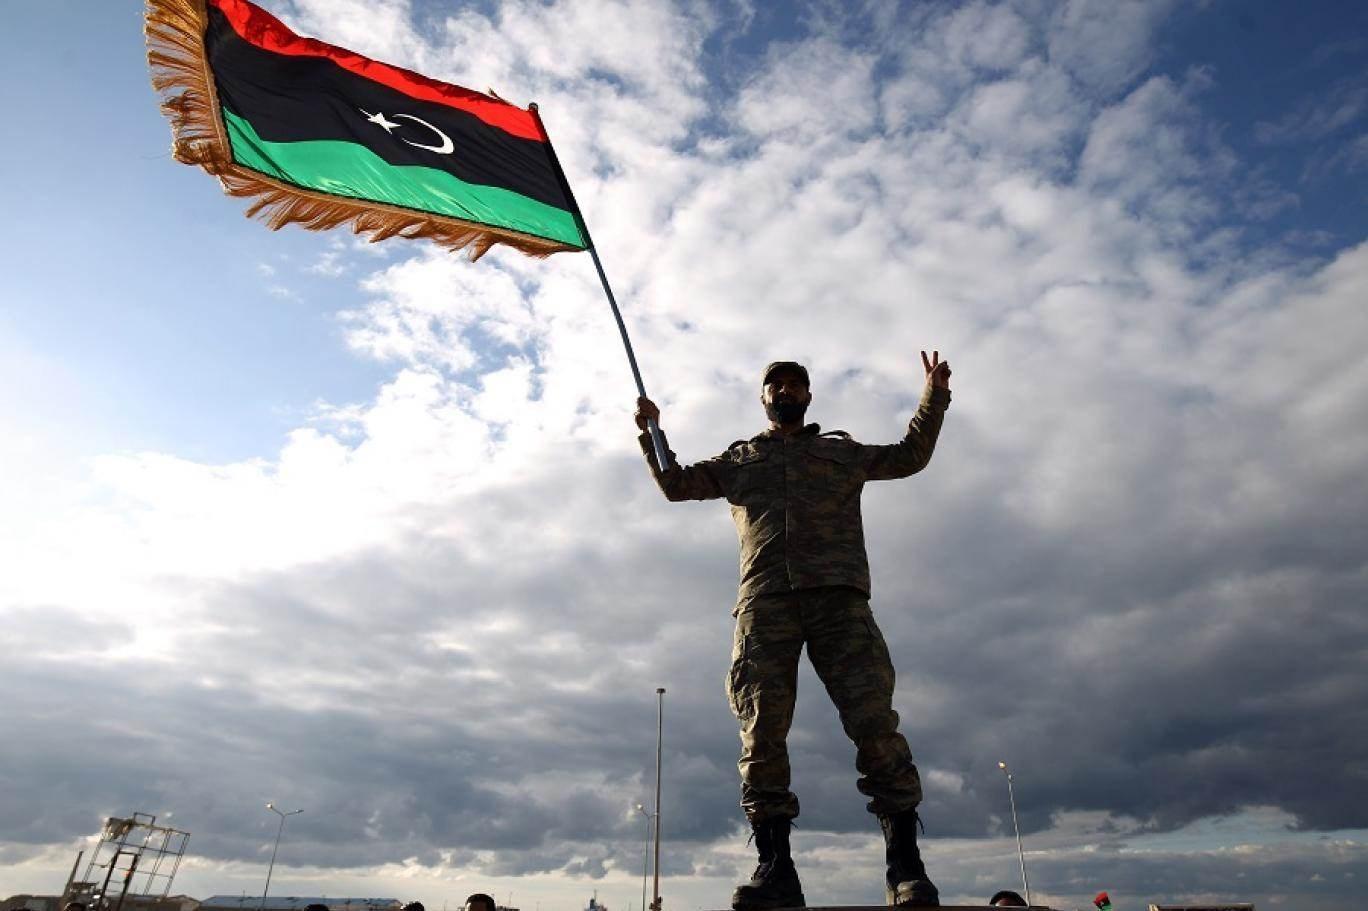 موسكو: الشائعات بشأن وجود مرتزقة روس في ليبيا مبنيةٌ على معلومات غير موثوق بها